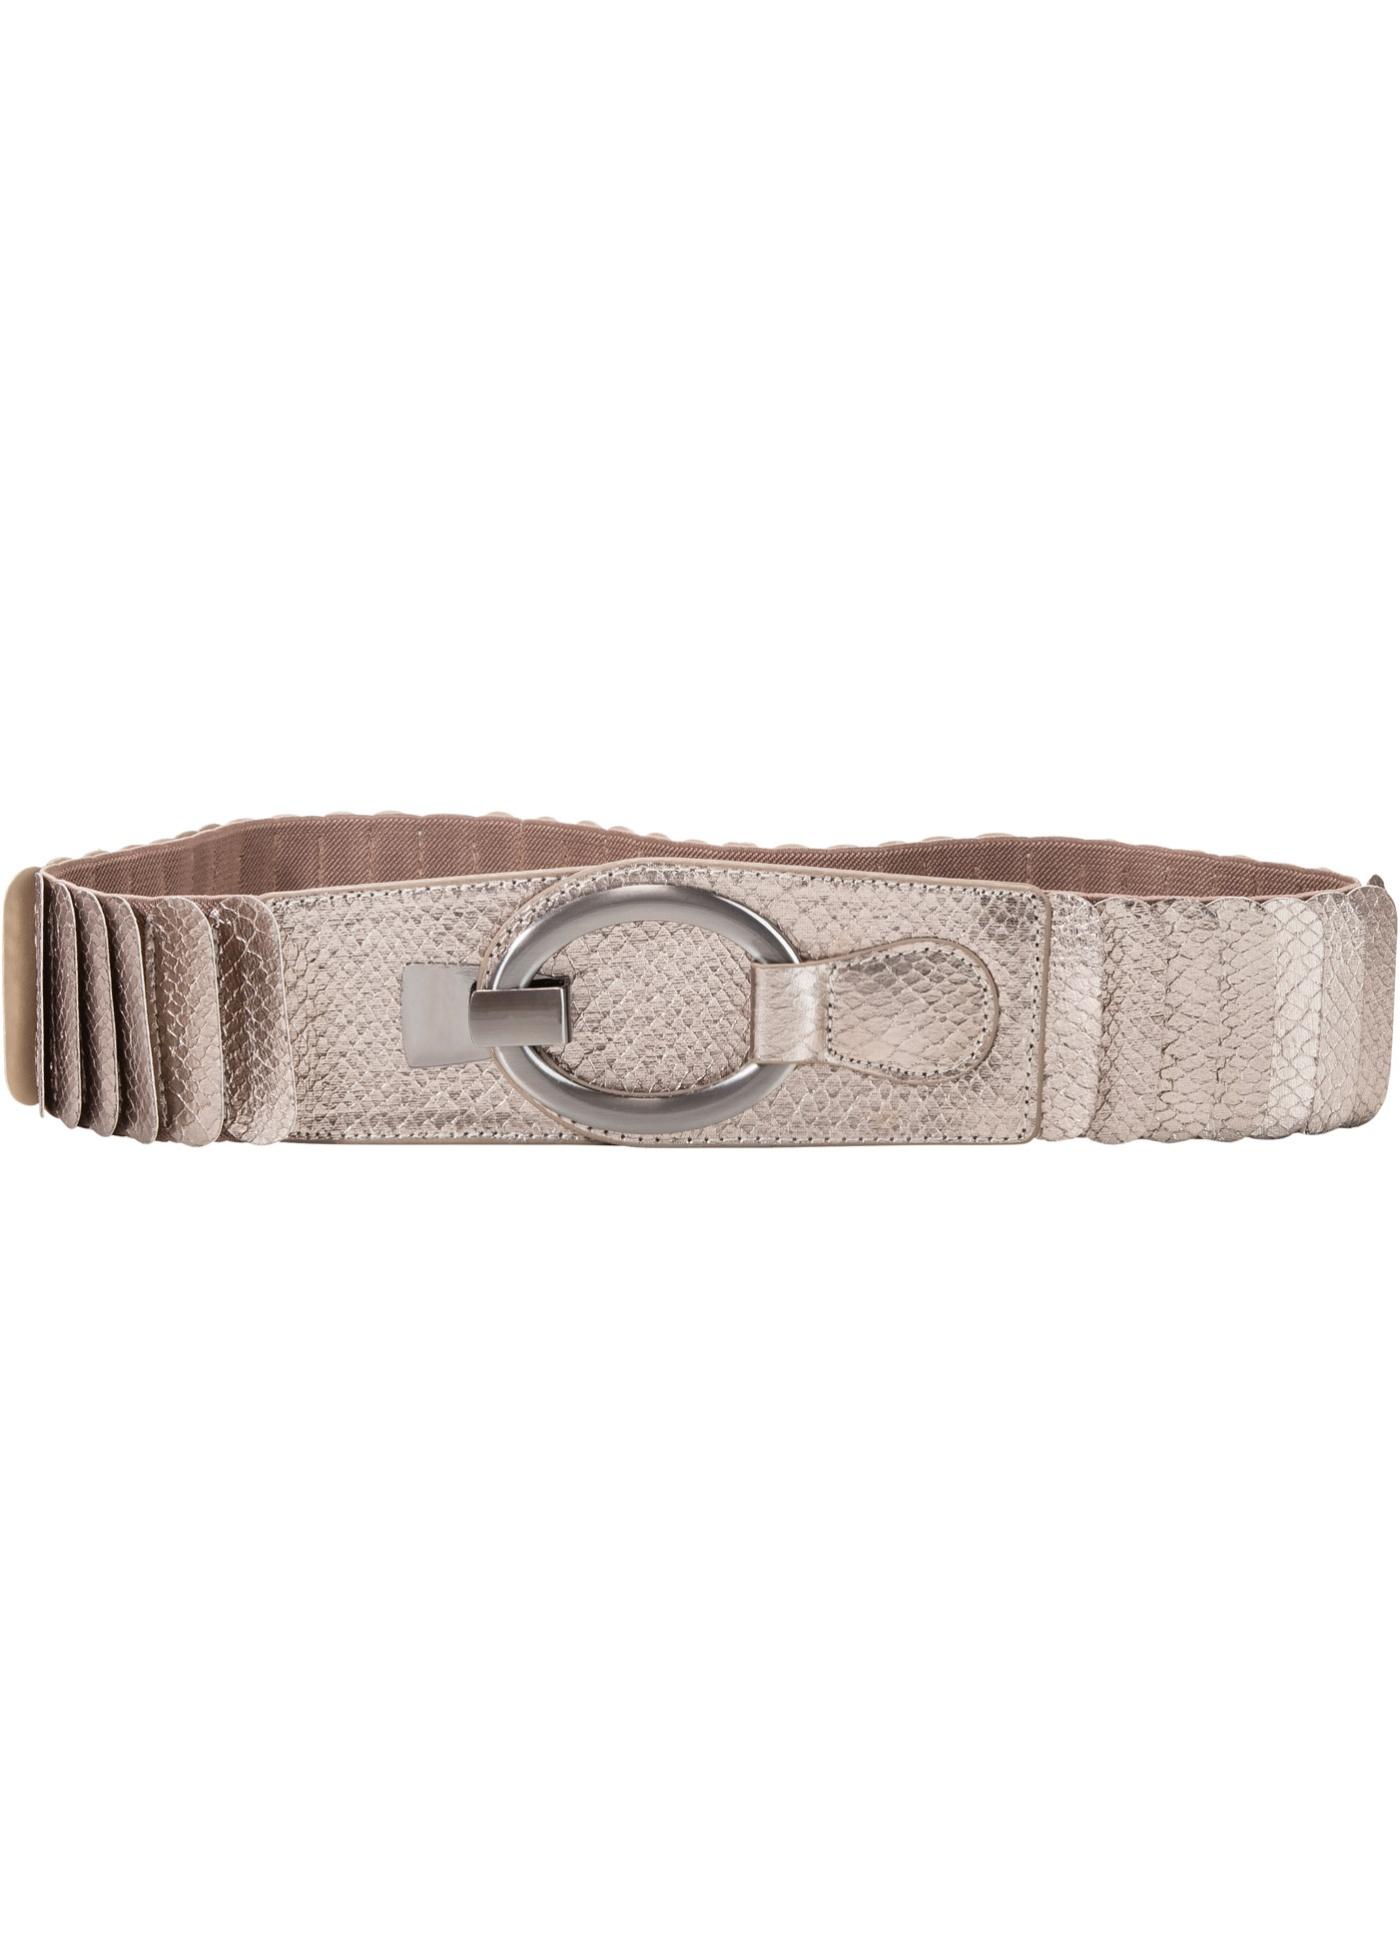 Cintura elasticizzata  Gr